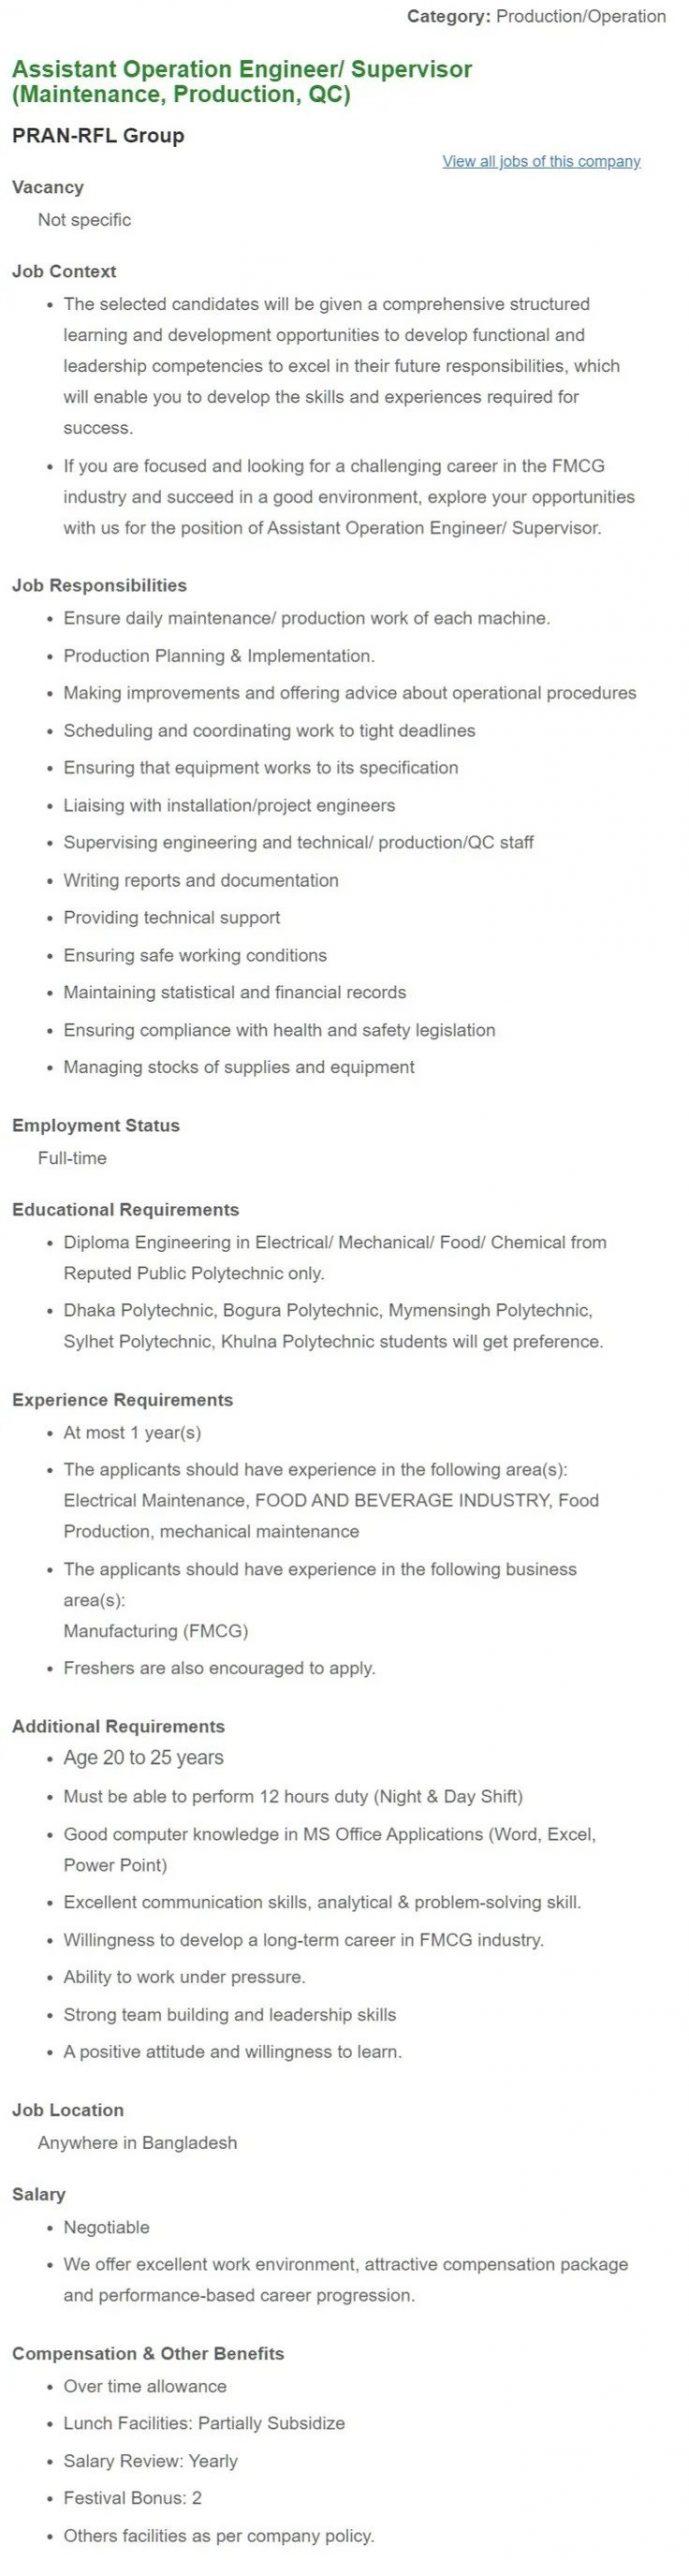 PRAN-RFL Group Job Circular April 2021